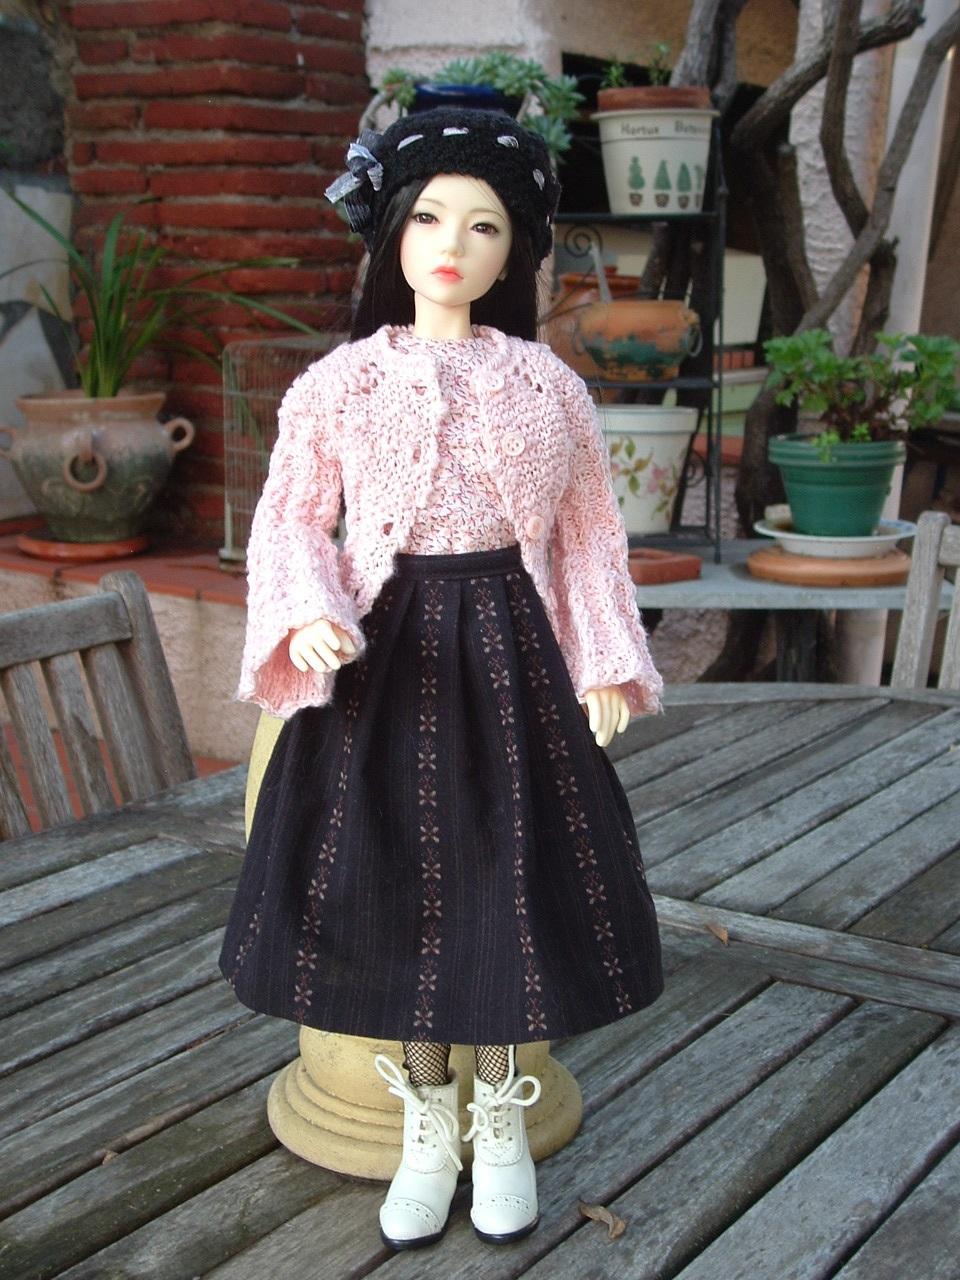 Je vous présente Mitsuko, ma belle Asa - première robe p 2 - autre tenue p 3 - Page 3 Dscf0448